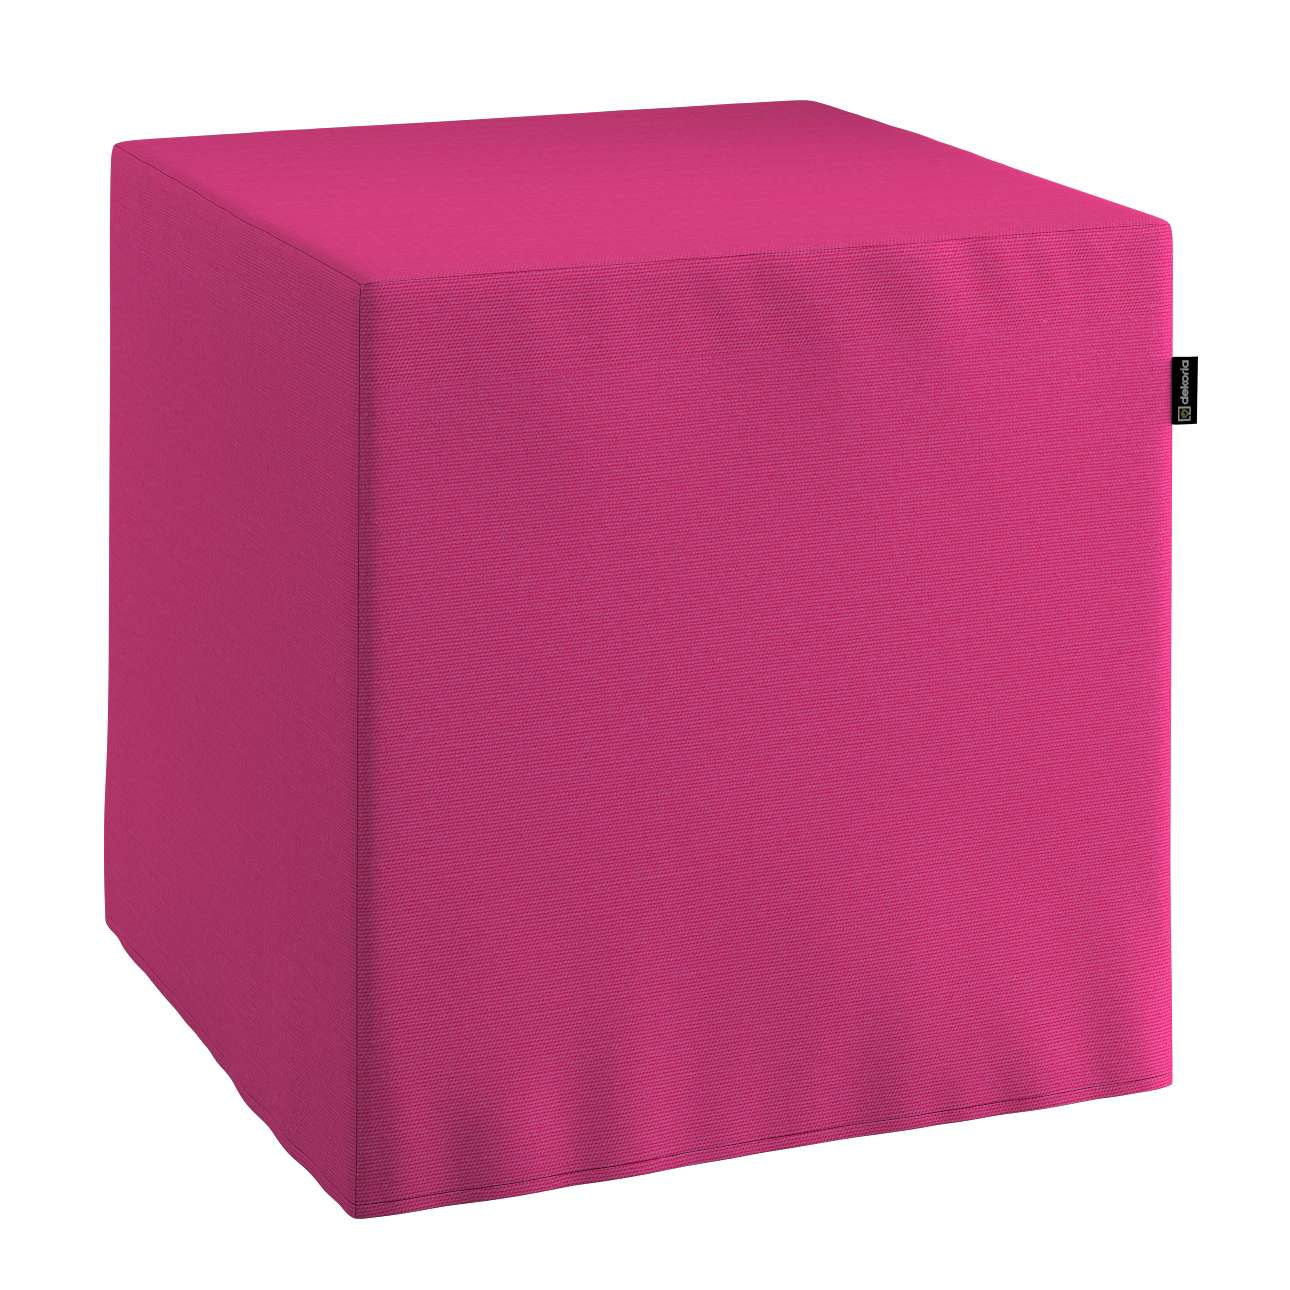 Bezug für Sitzwürfel Bezug für Sitzwürfel 40x40x40 cm von der Kollektion Loneta, Stoff: 133-60